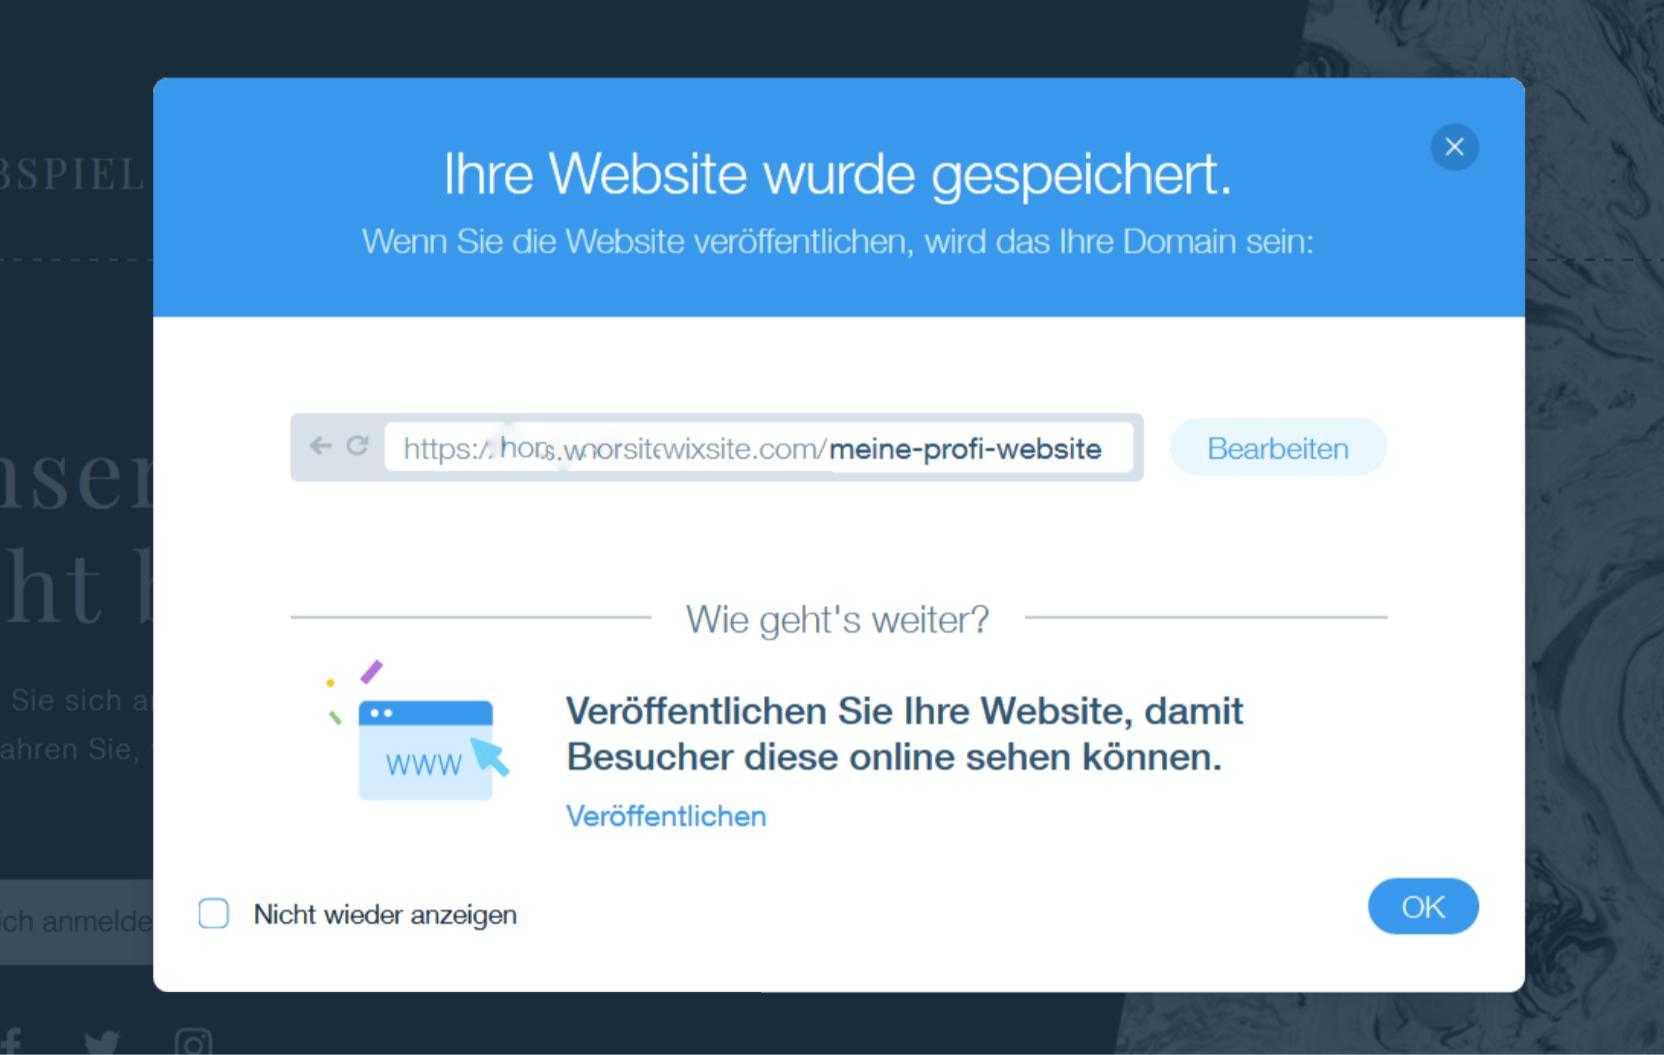 Professionelle Website erstellen mit Wix - Anleitung Schritt 11